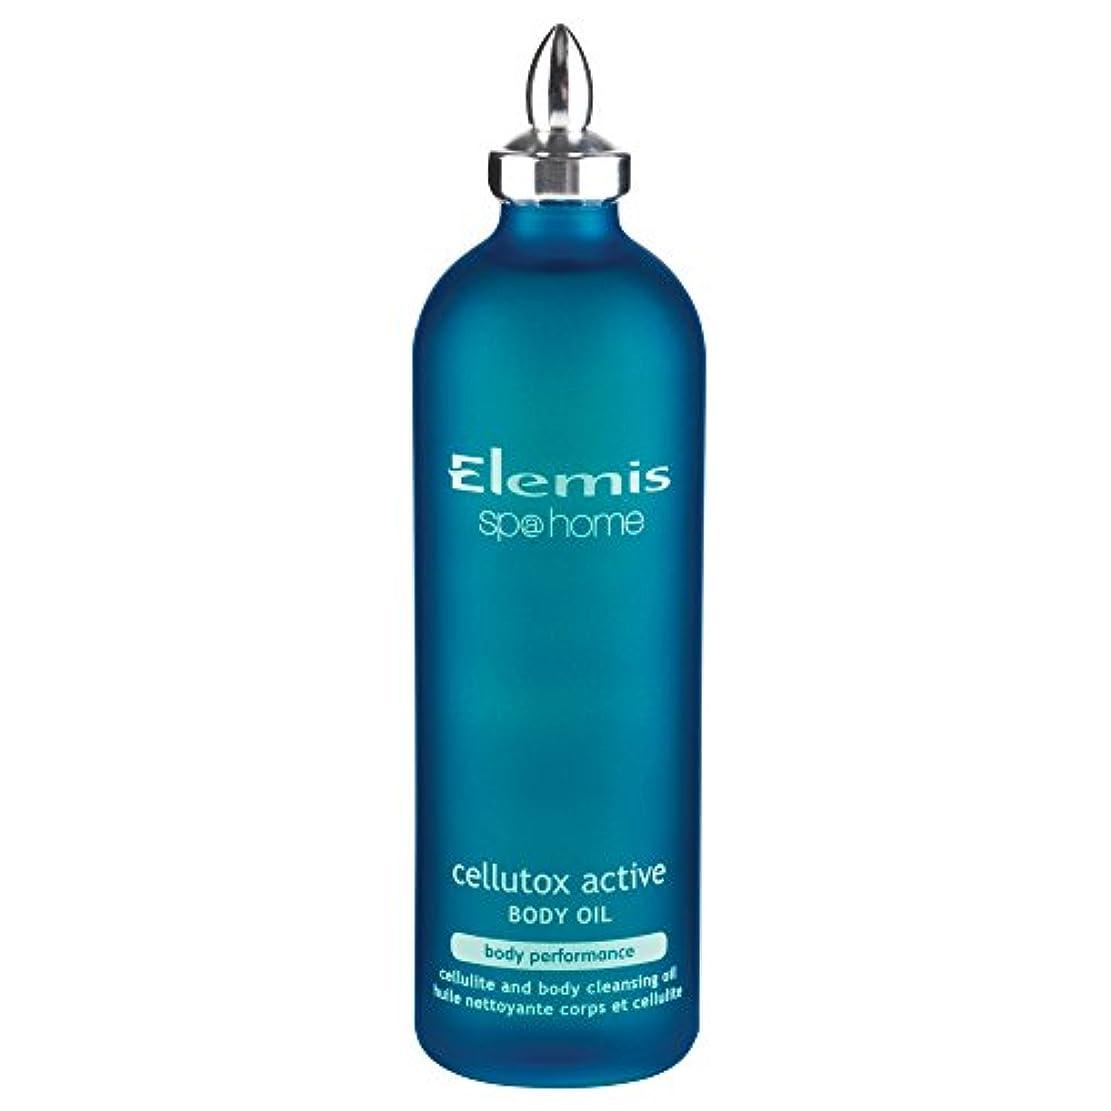 塗抹調子ファーザーファージュエレミスCel??Lutoxアクティブボディオイル100ミリリットル (Elemis) (x2) - Elemis Cellutox Active Body Oil 100ml (Pack of 2) [並行輸入品]